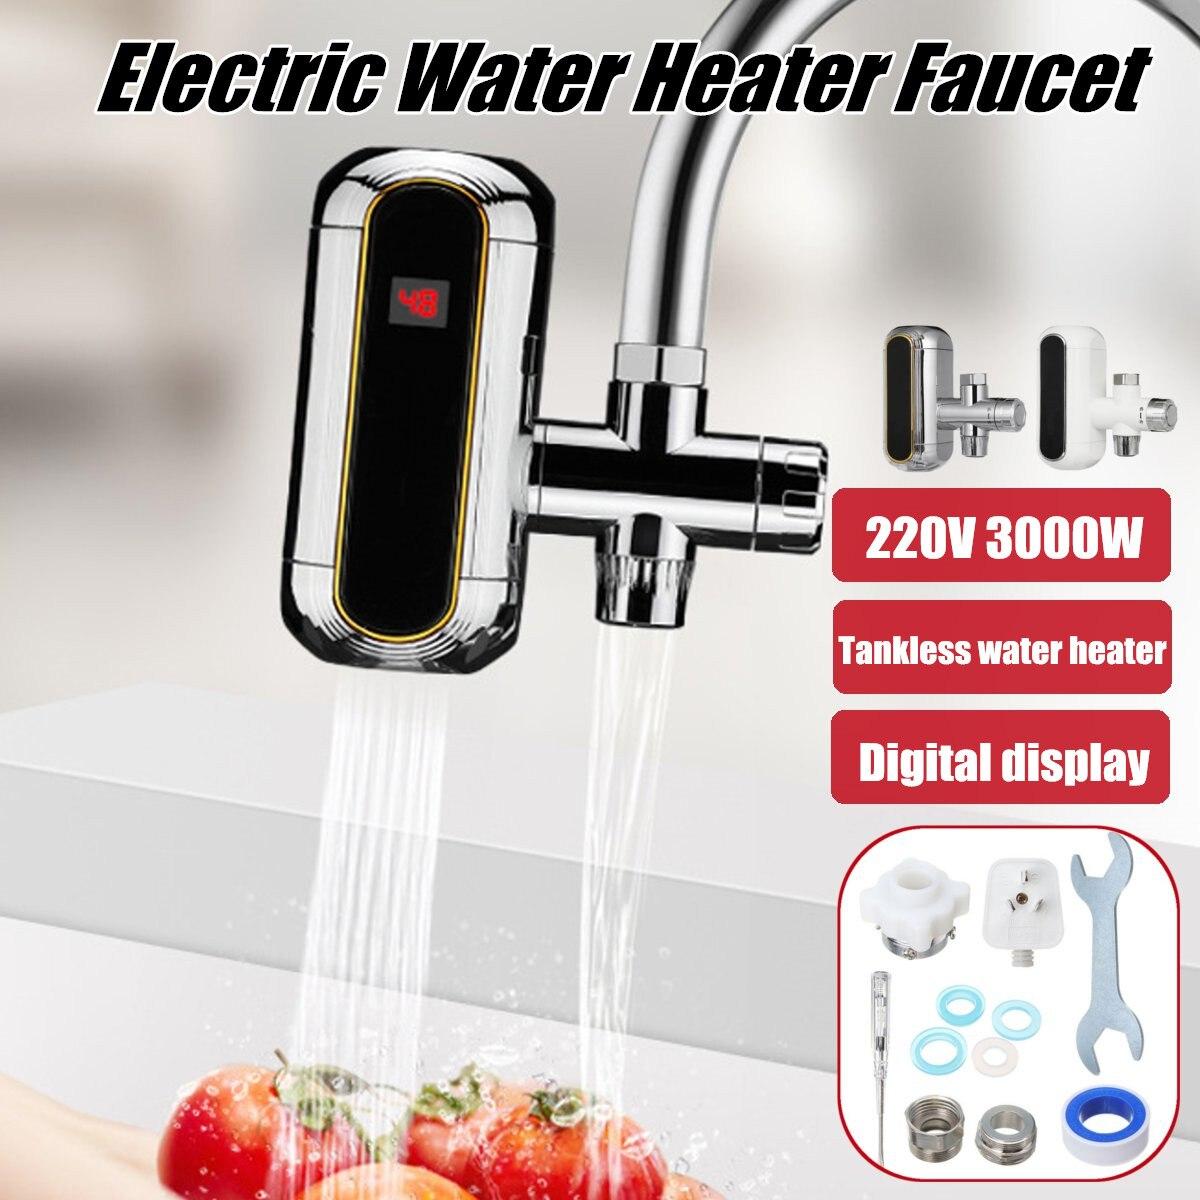 3000 W chauffe-eau électrique cuisine sans réservoir chauffe-eau instantané chauffe-eau électrique robinet de chauffage robinet 220 v